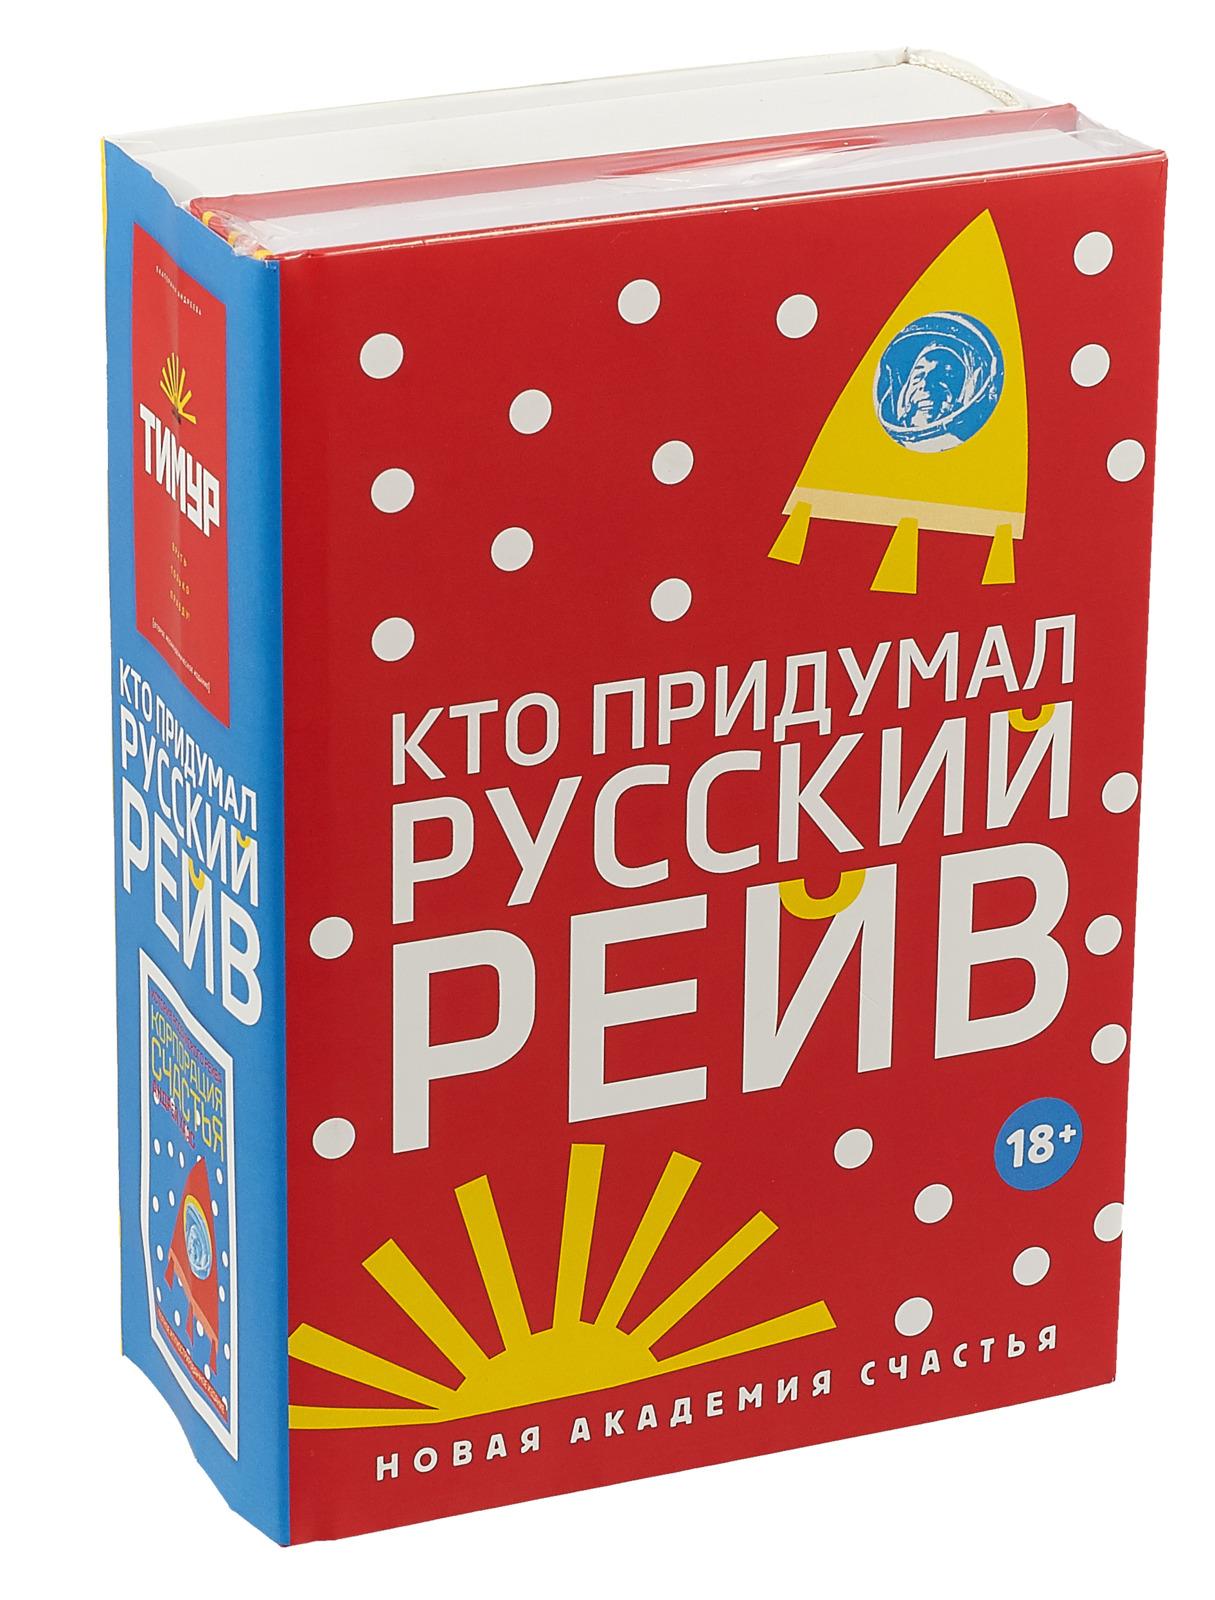 Кто придумал русский рейв  комплект из 2 книг | Андреева Екатерина, Хаас Андрей Владимирович